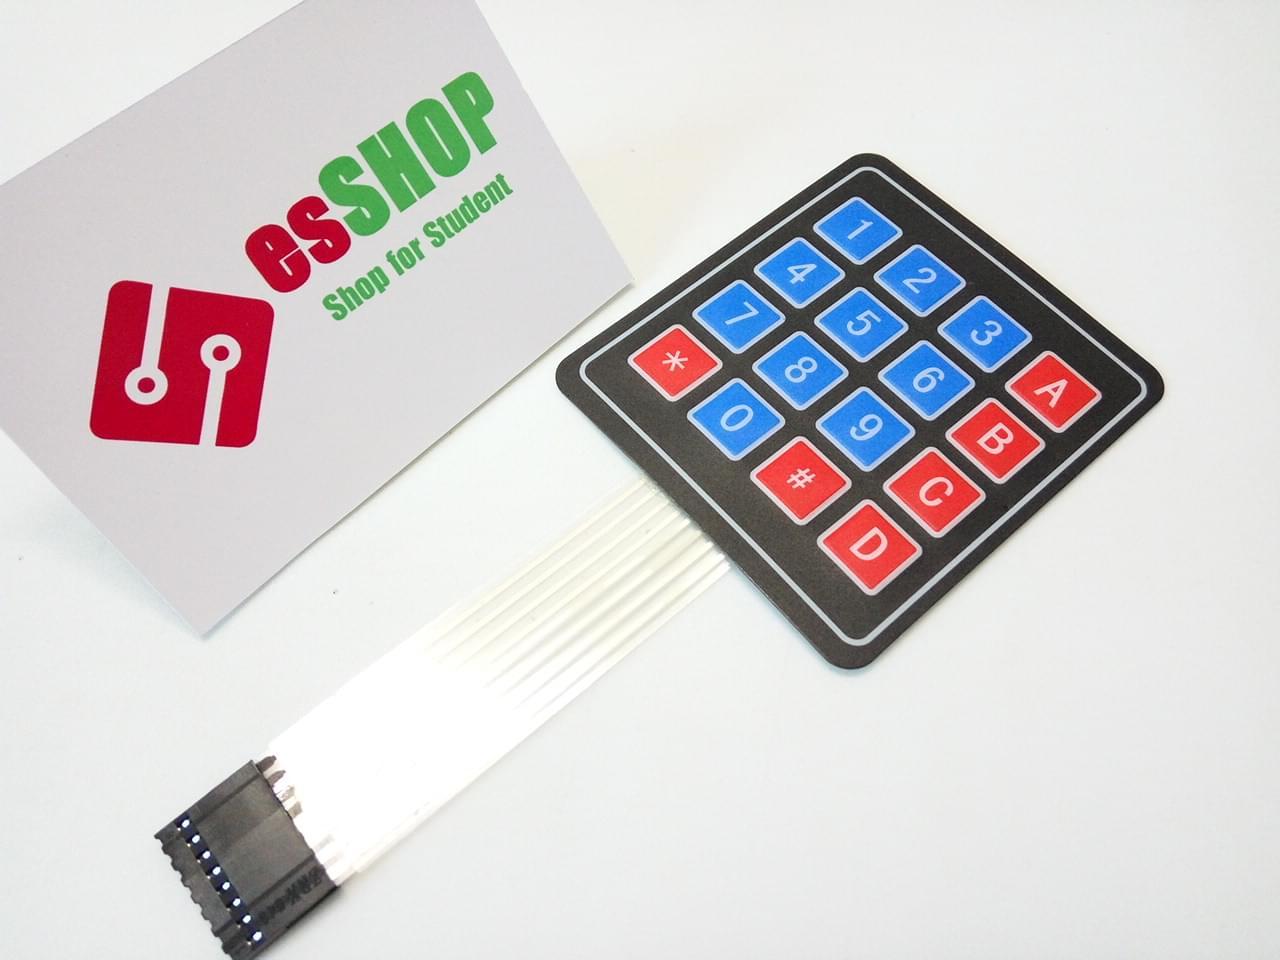 B0117 - Bàn phím ma trận mềm 4x4 loại dán